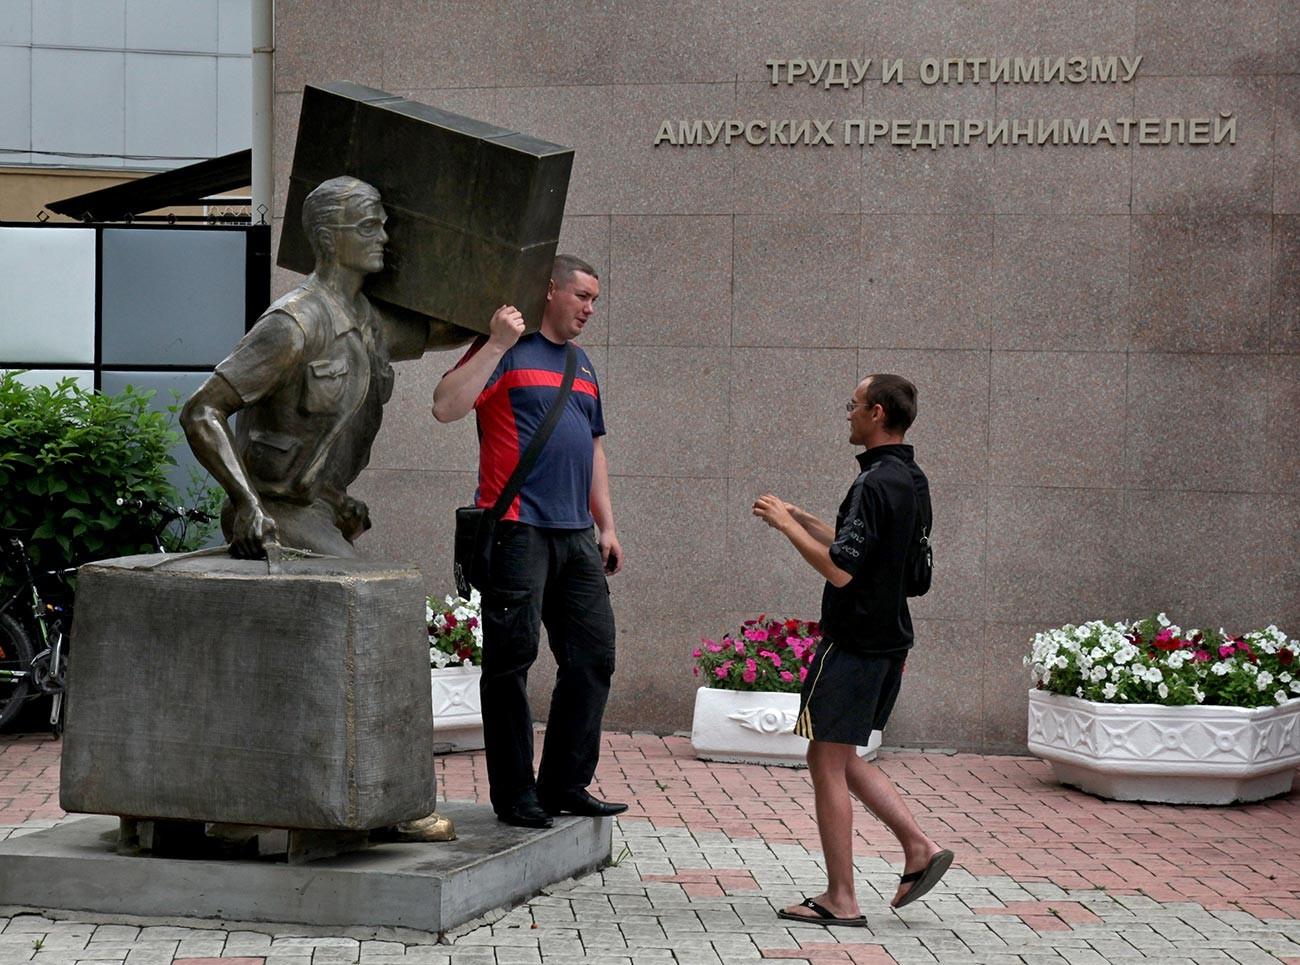 Un monumento ai chelnokì a Blagoveschensk, nell'Estremo oriente russo